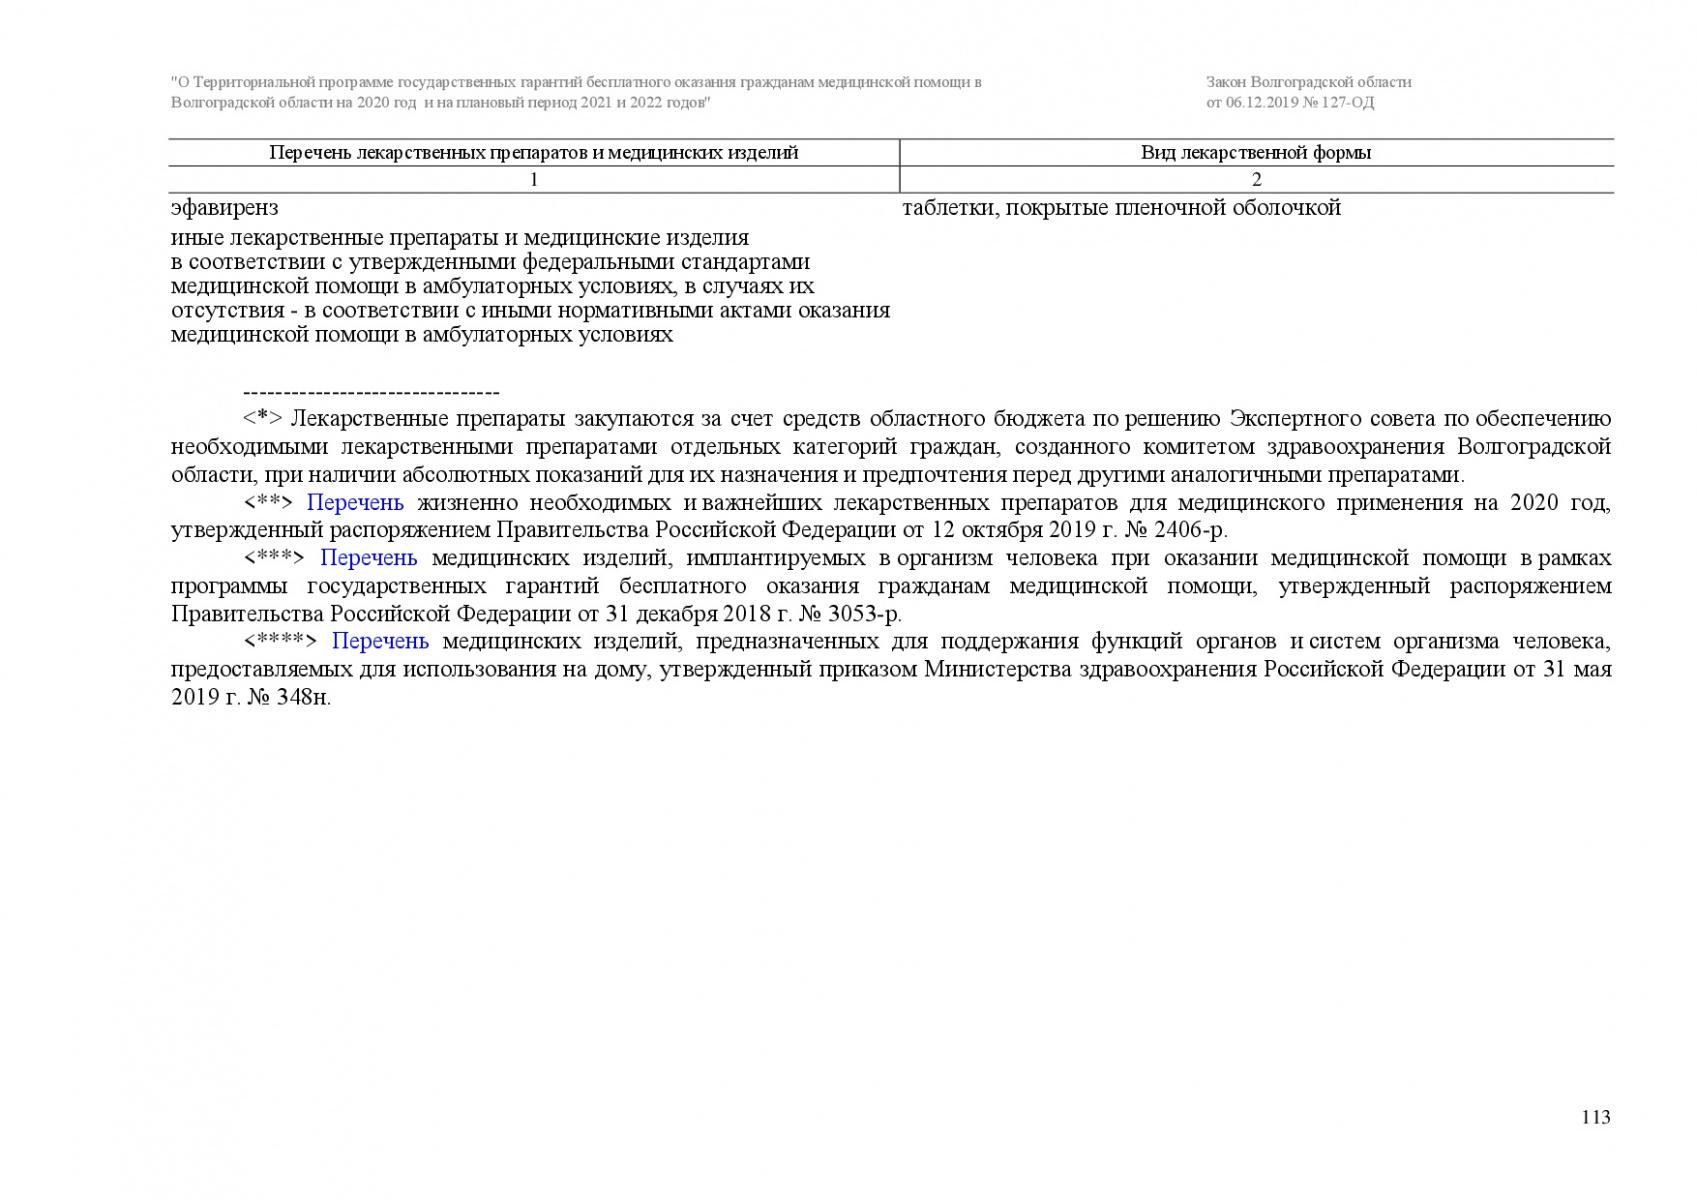 Prilozhenie-6-127-OD-113